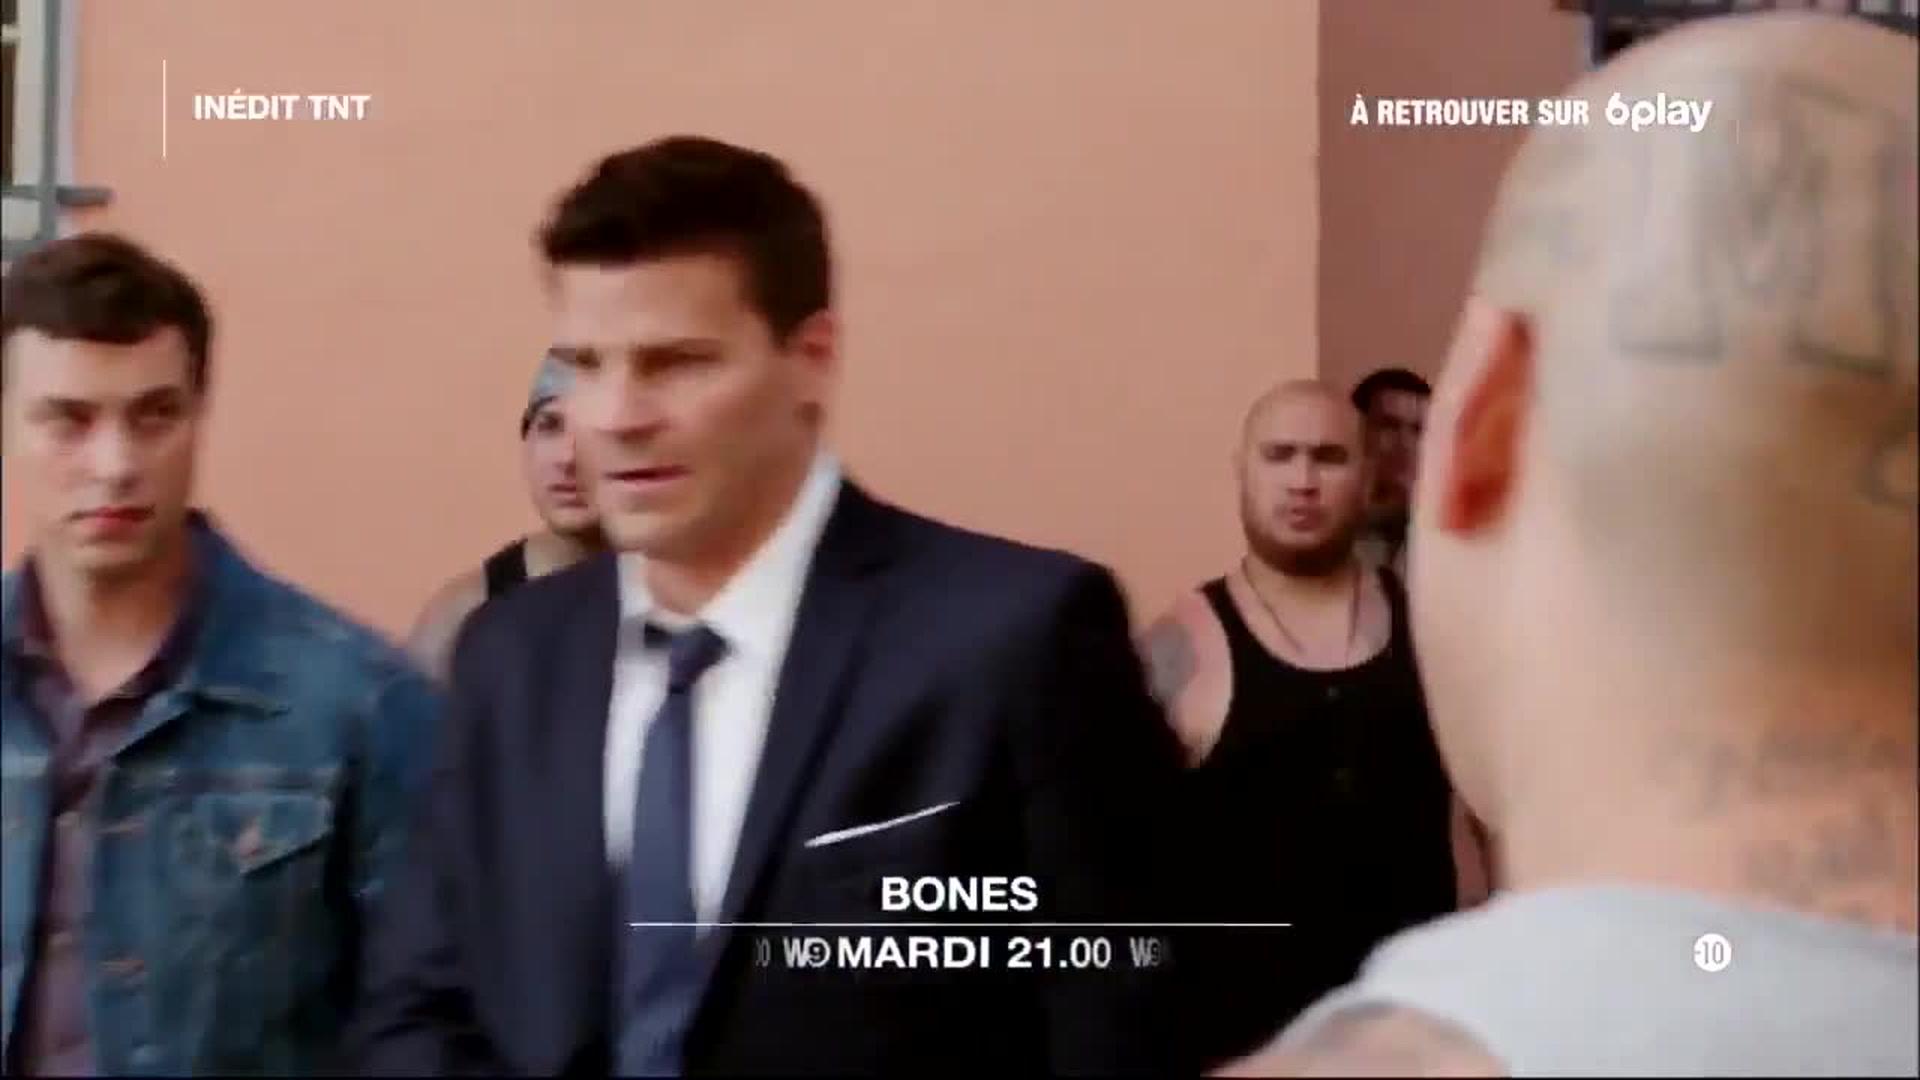 Bones : Guerre de gang